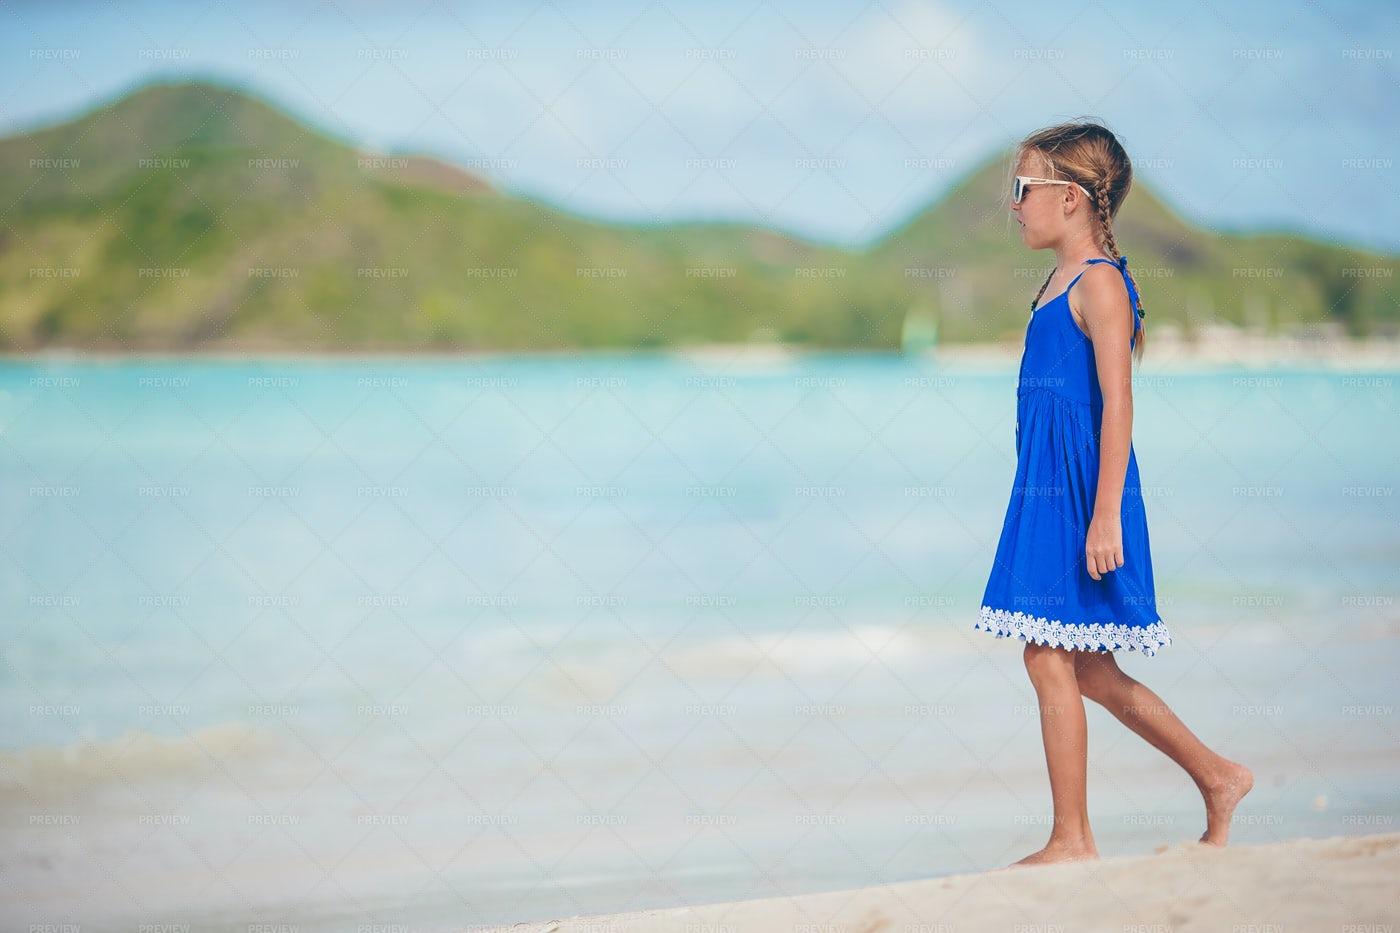 Portrait Of Girl On The Beach: Stock Photos